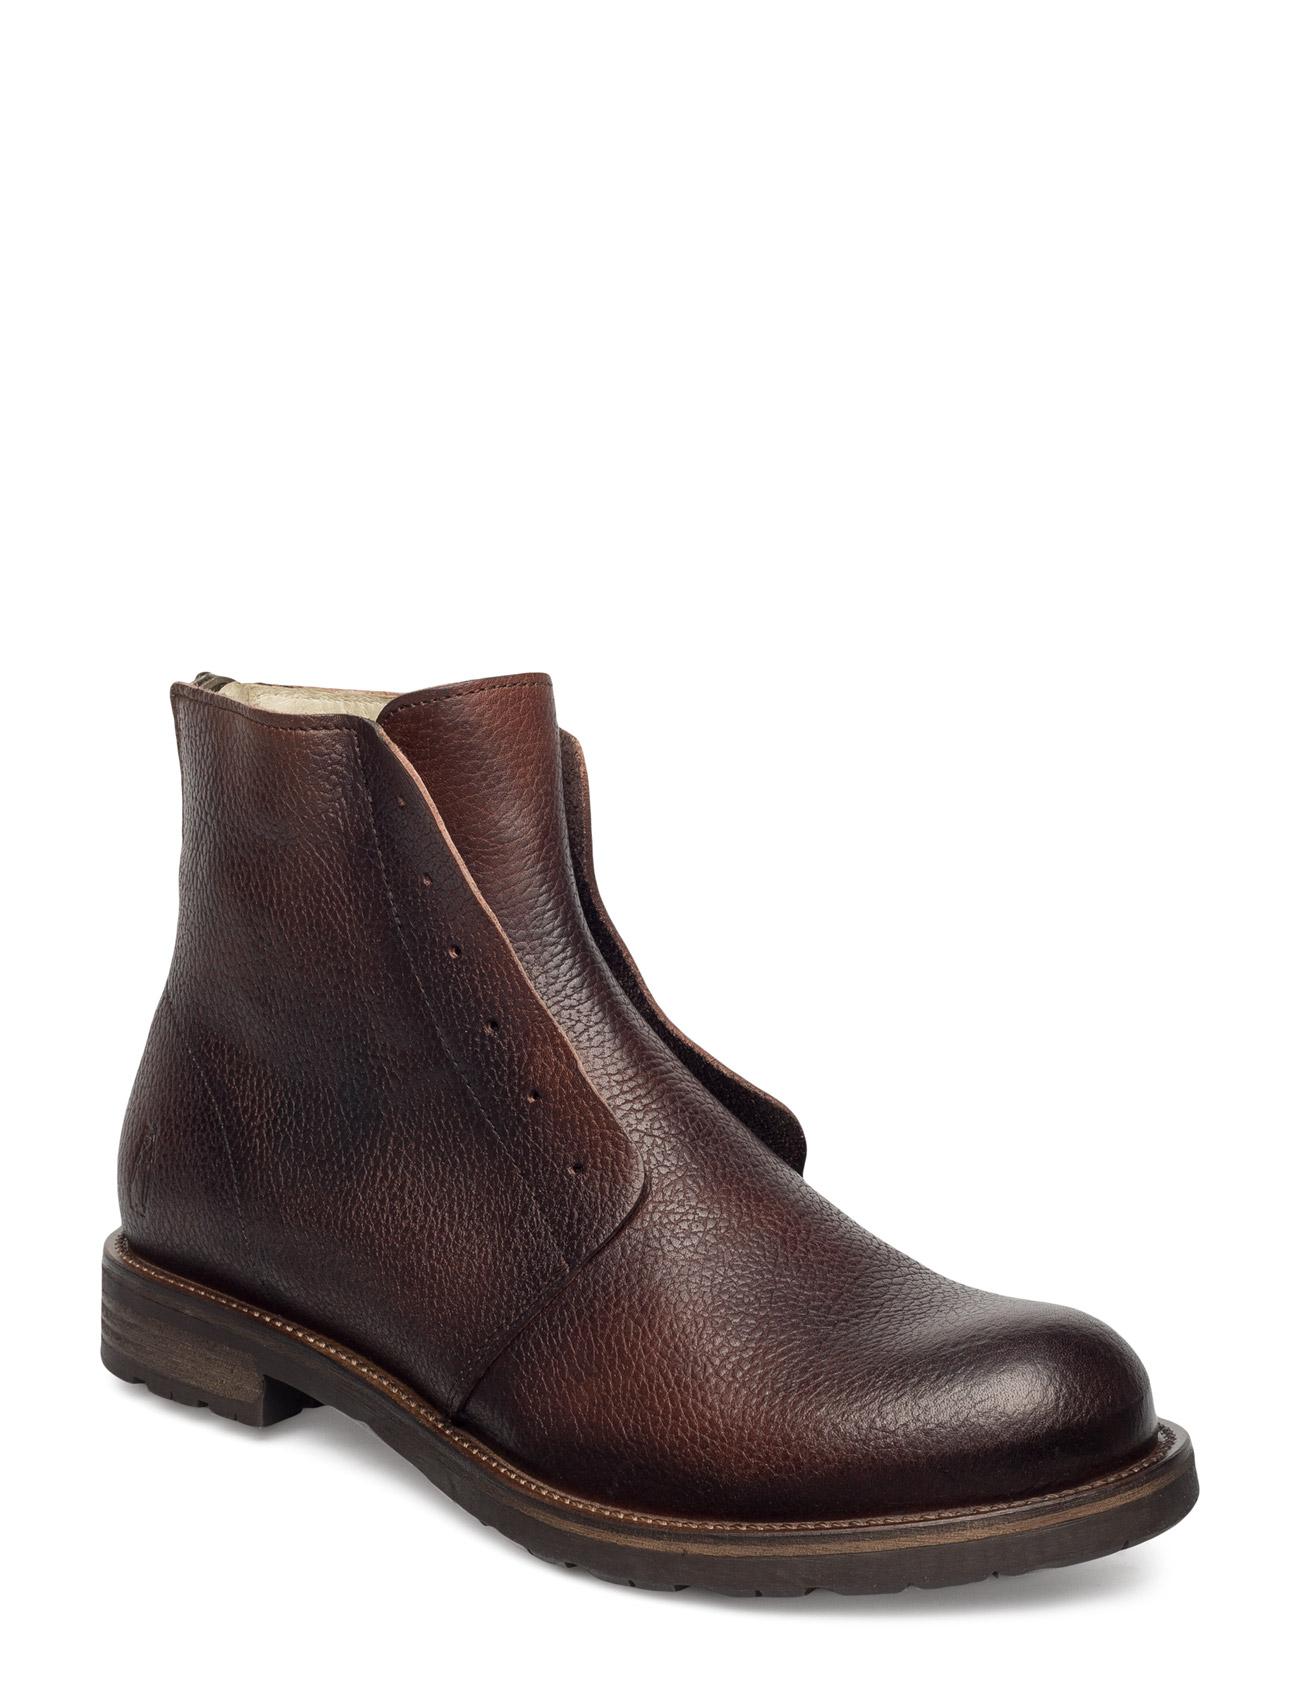 Graham B Shoe The Bear Støvler til Herrer i Brun